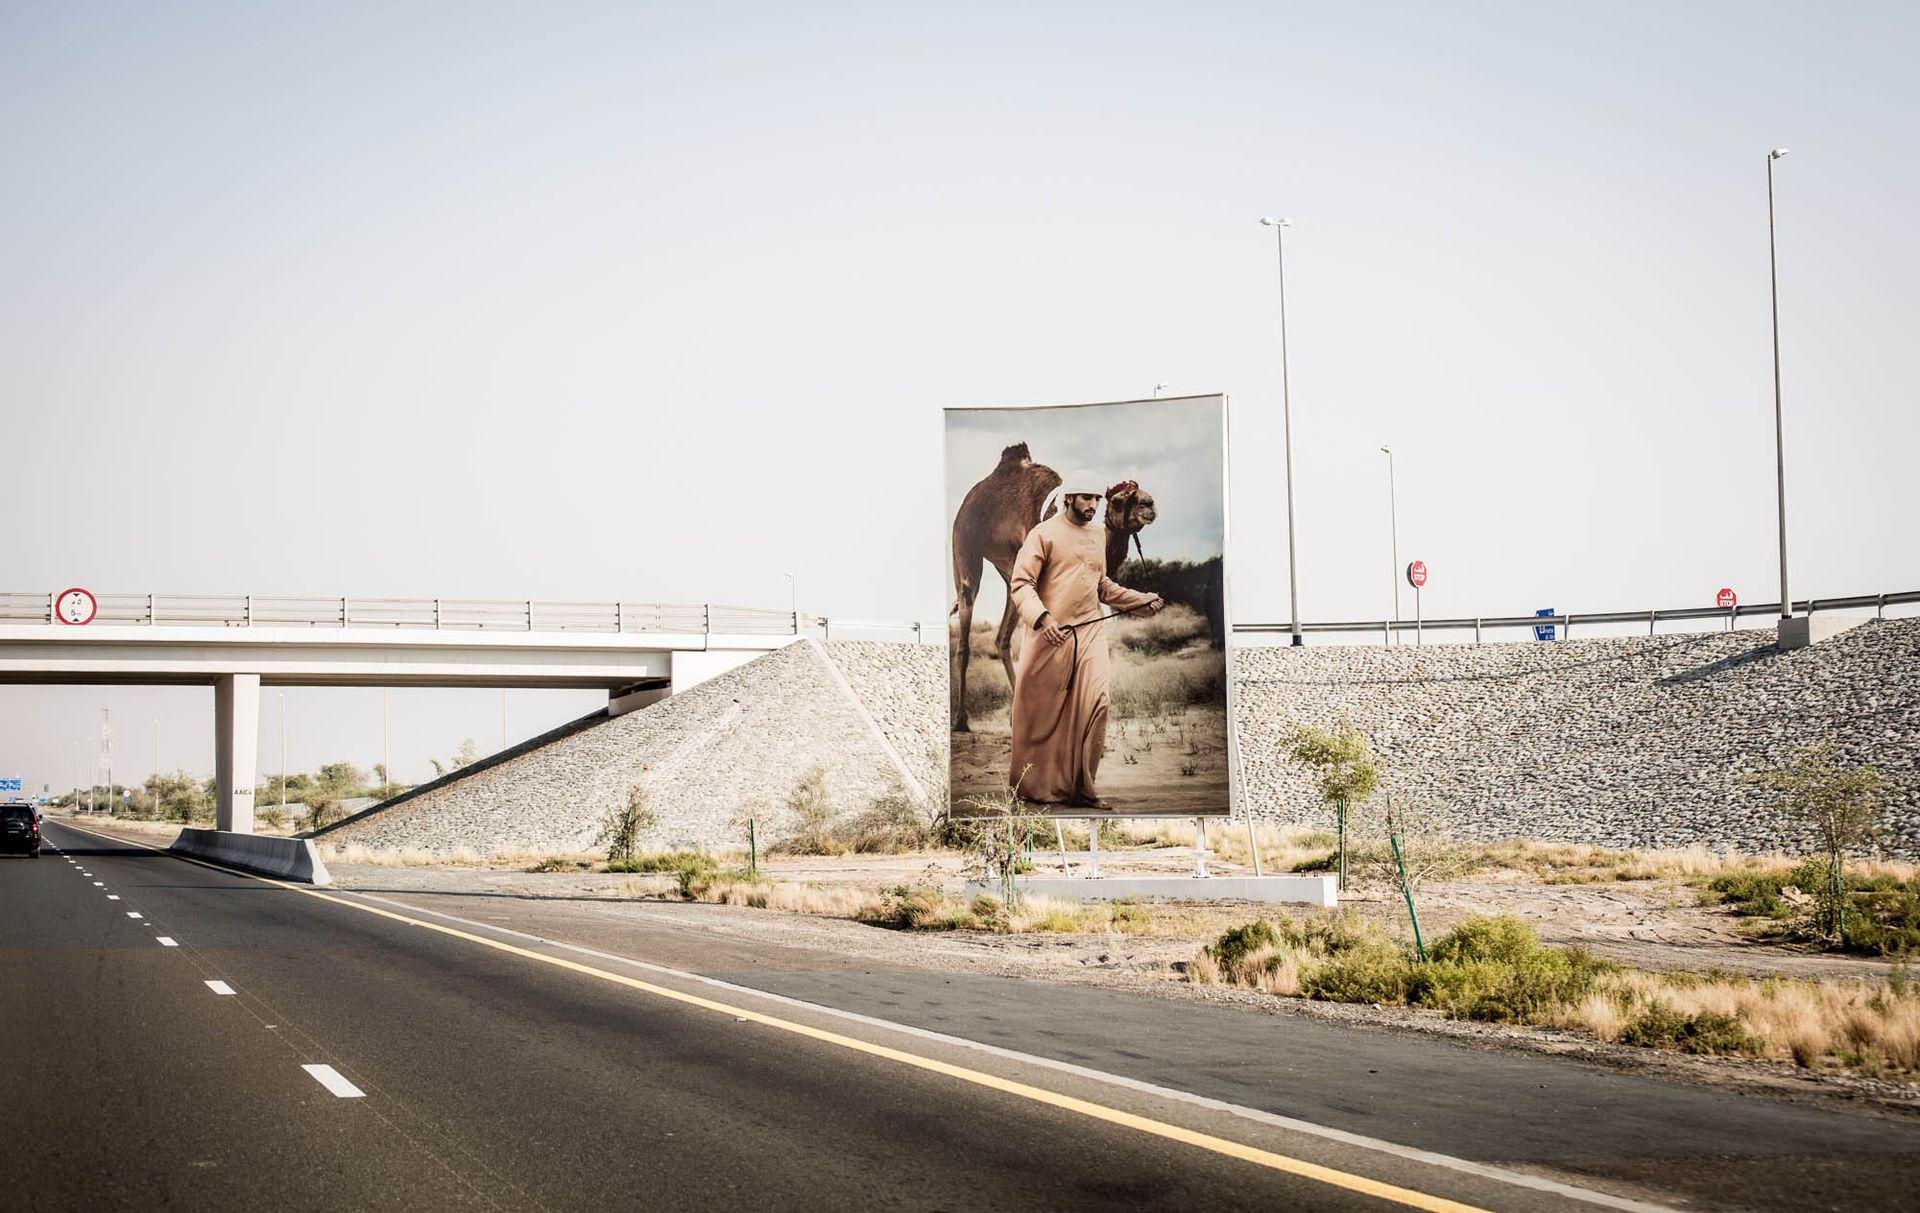 Retrato del Emir de Dubai en una autopista de la ciudad.